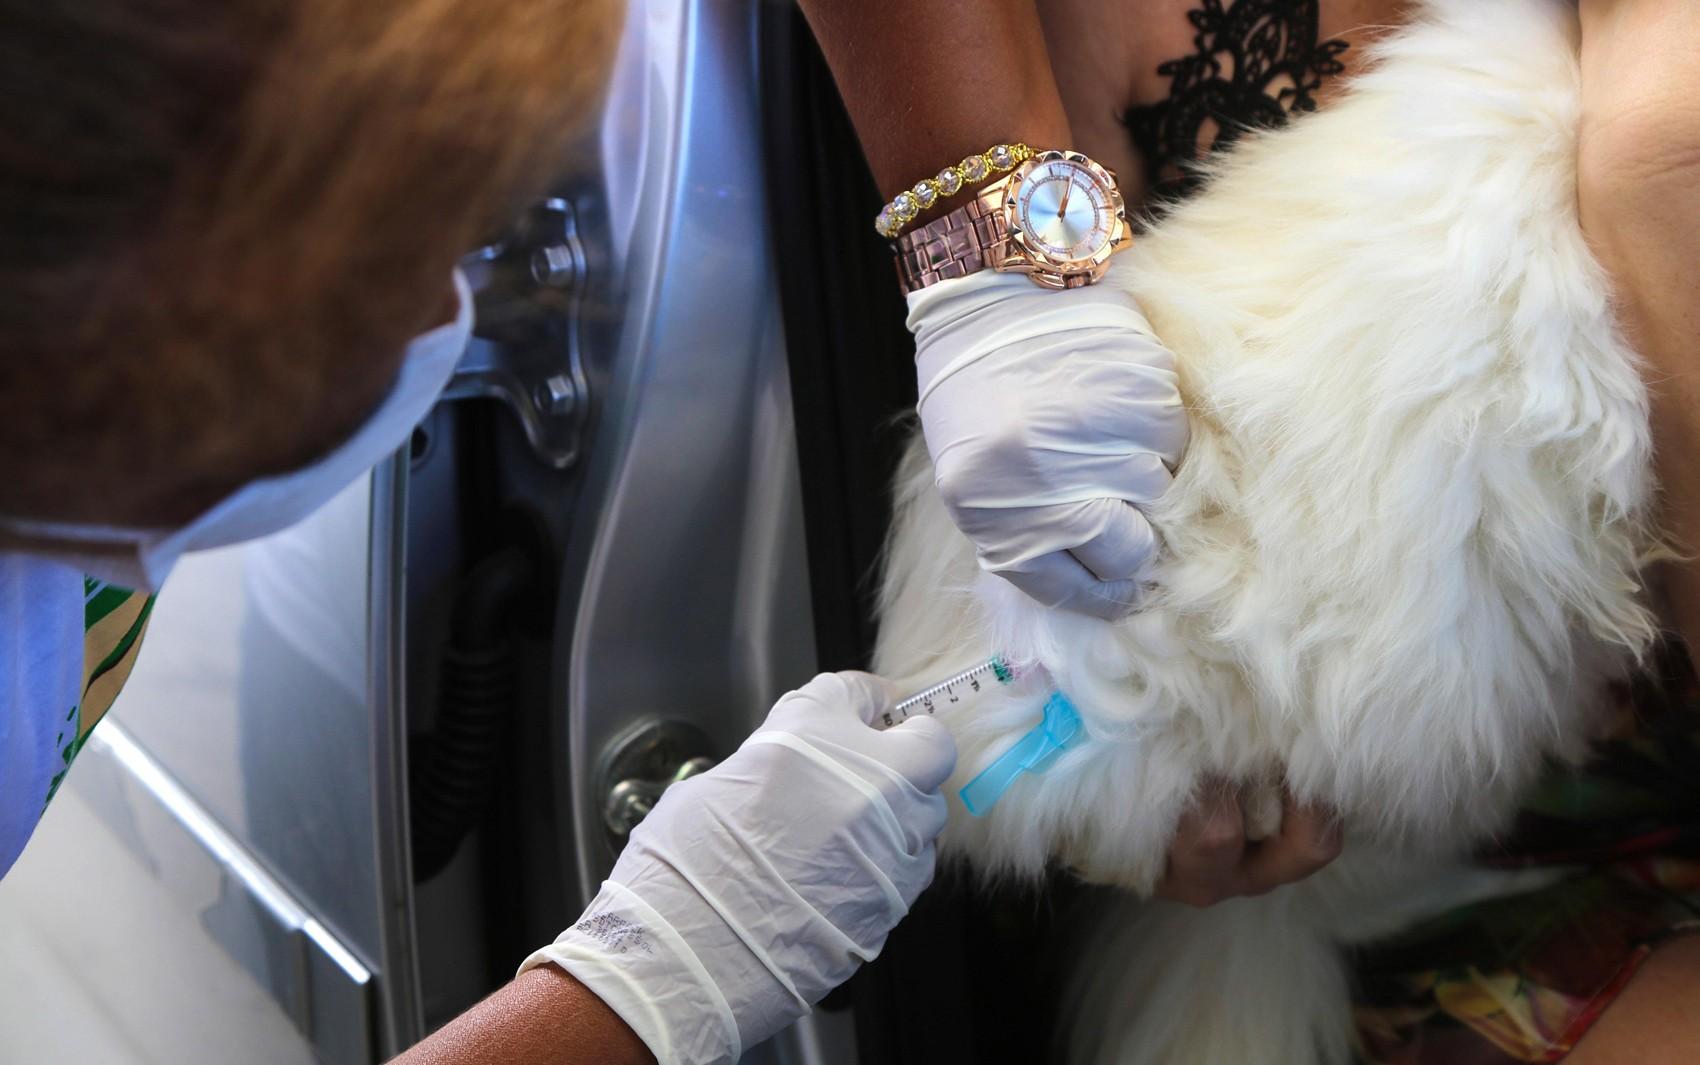 Campanha de vacinação antirrábica em bairros de Feira de Santana termina no sábado; confira